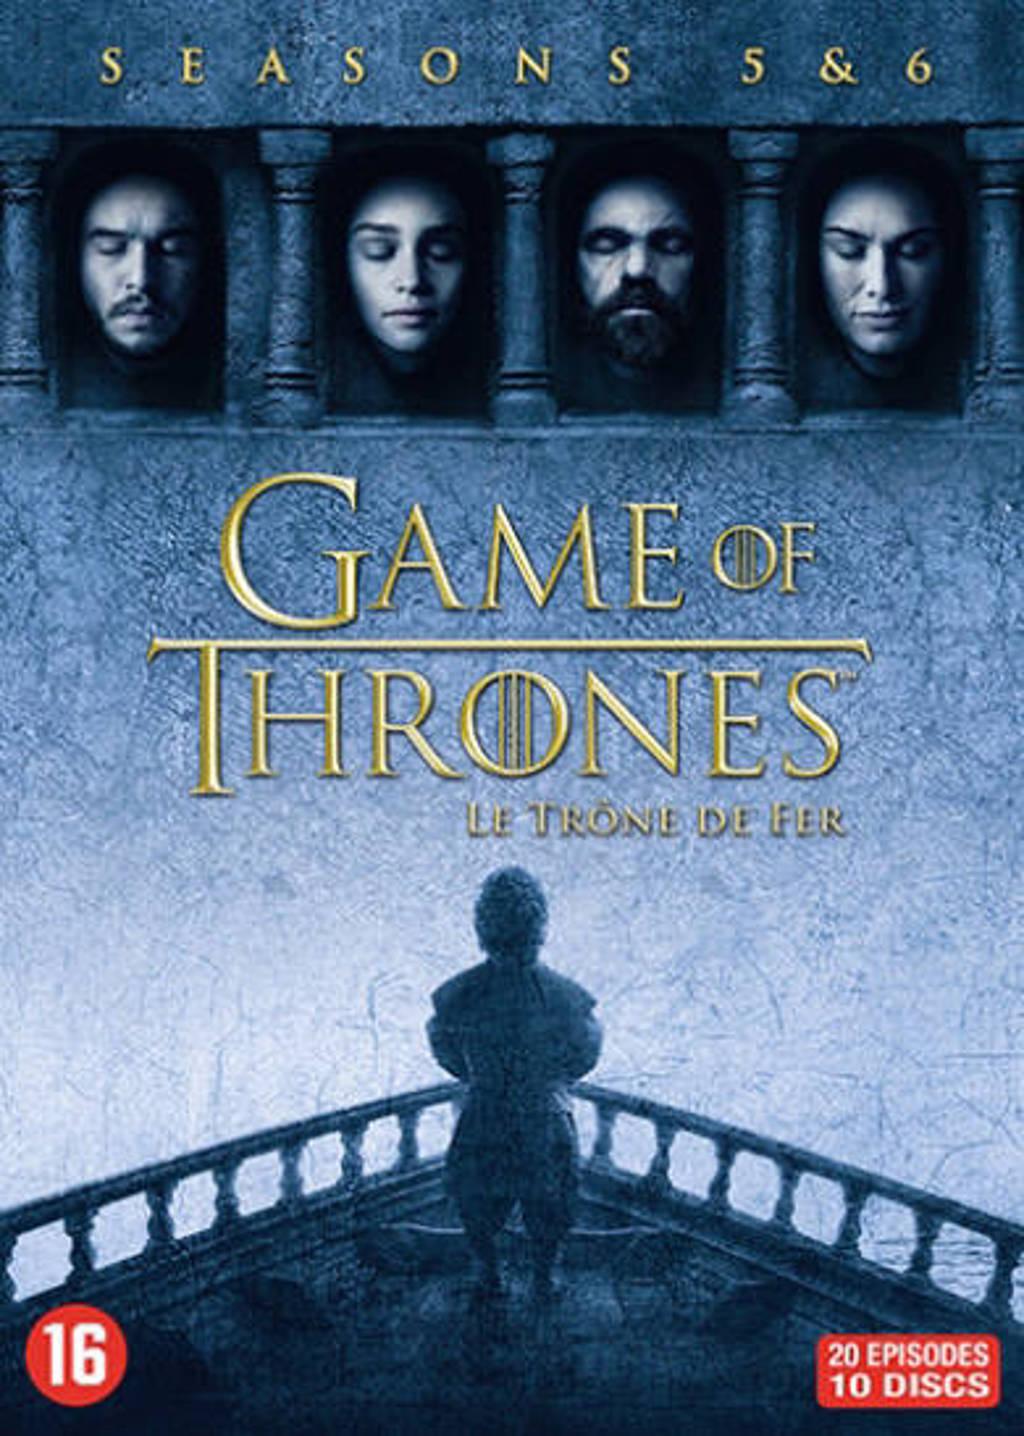 Game of thrones - Seizoen 5 & 6 (DVD)